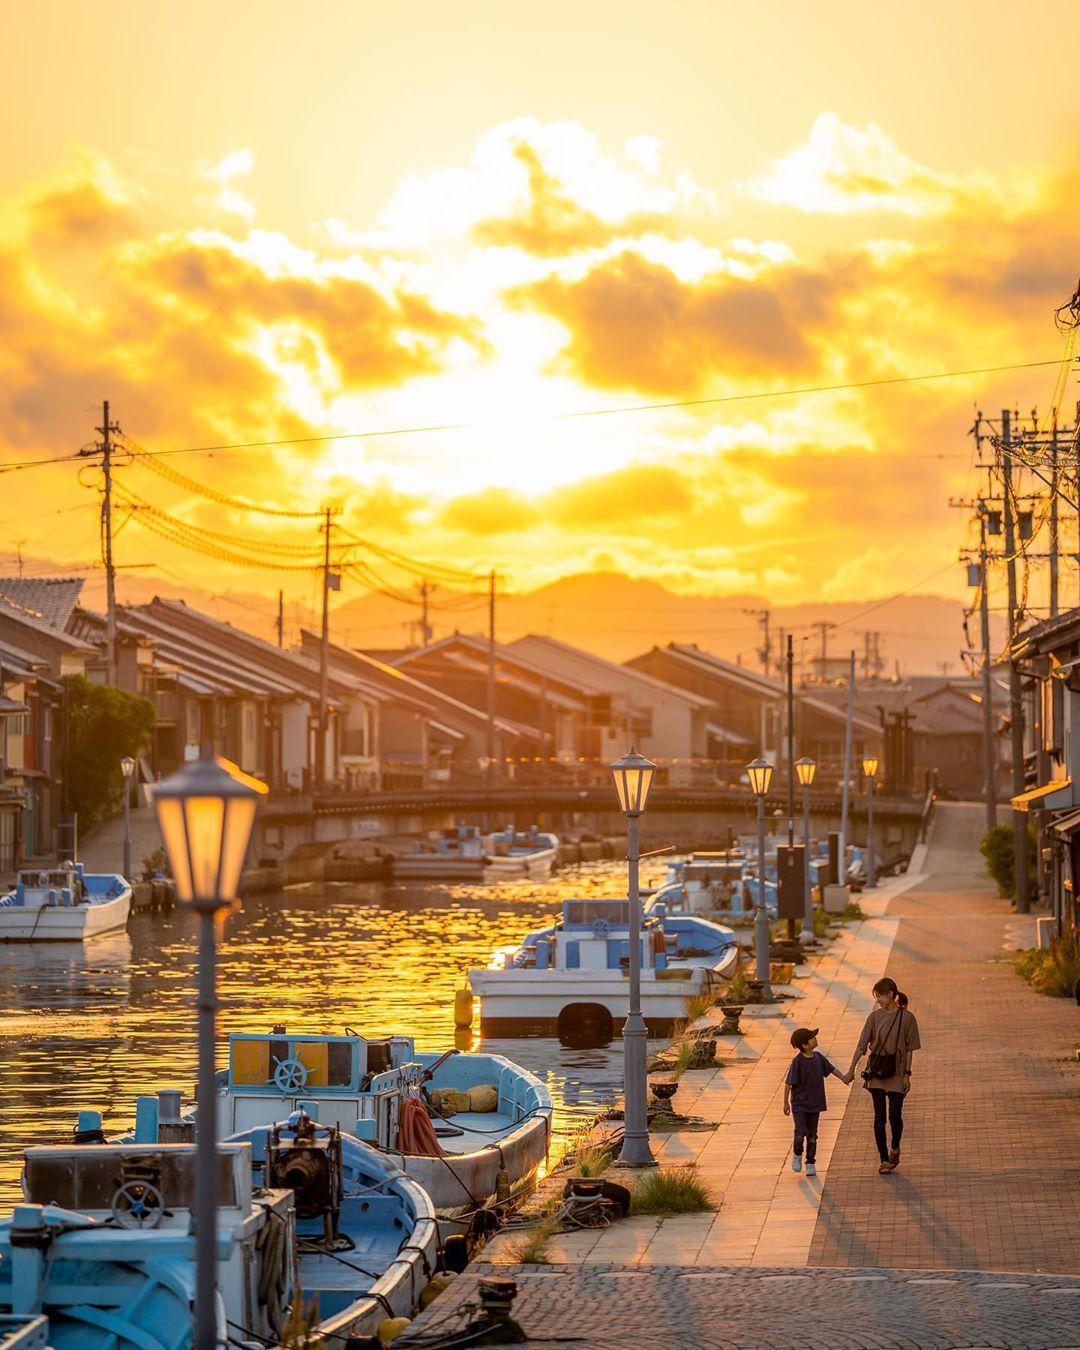 """Có một nước Nhật đẹp đến nao lòng qua ống kính của ông bố trẻ """"mê"""" chụp ảnh vợ và con trai, ai xem xong cũng """"tan chảy"""" - Ảnh 6."""